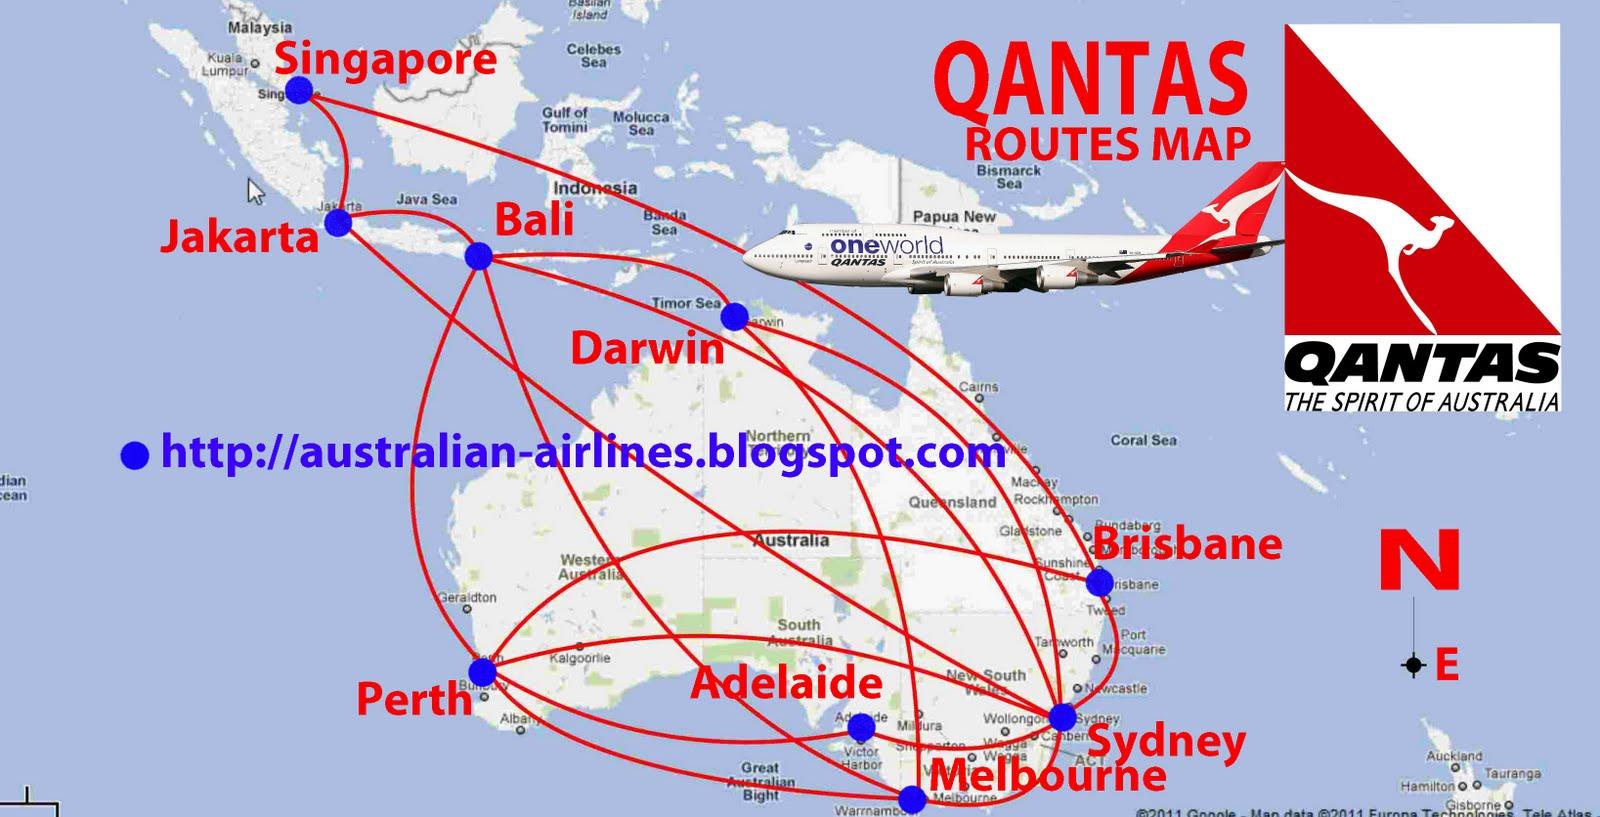 Routes map qantas flight routes from australia to indonesia qantas flight routes from australia to indonesia qantas routes map sciox Images